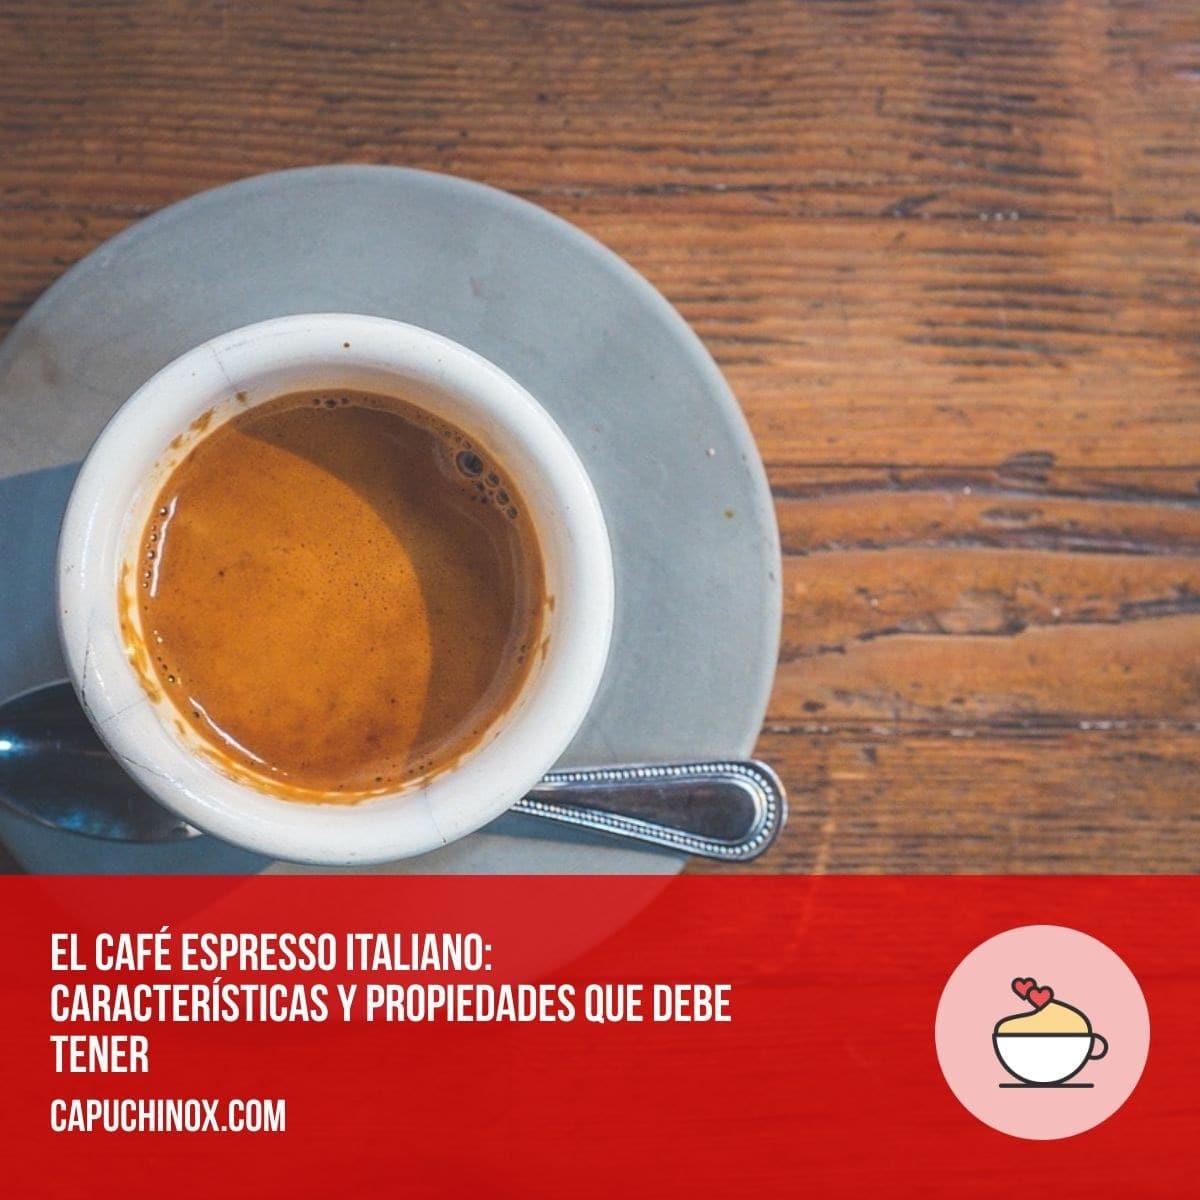 El Café Espresso Italiano: Características Y Propiedades